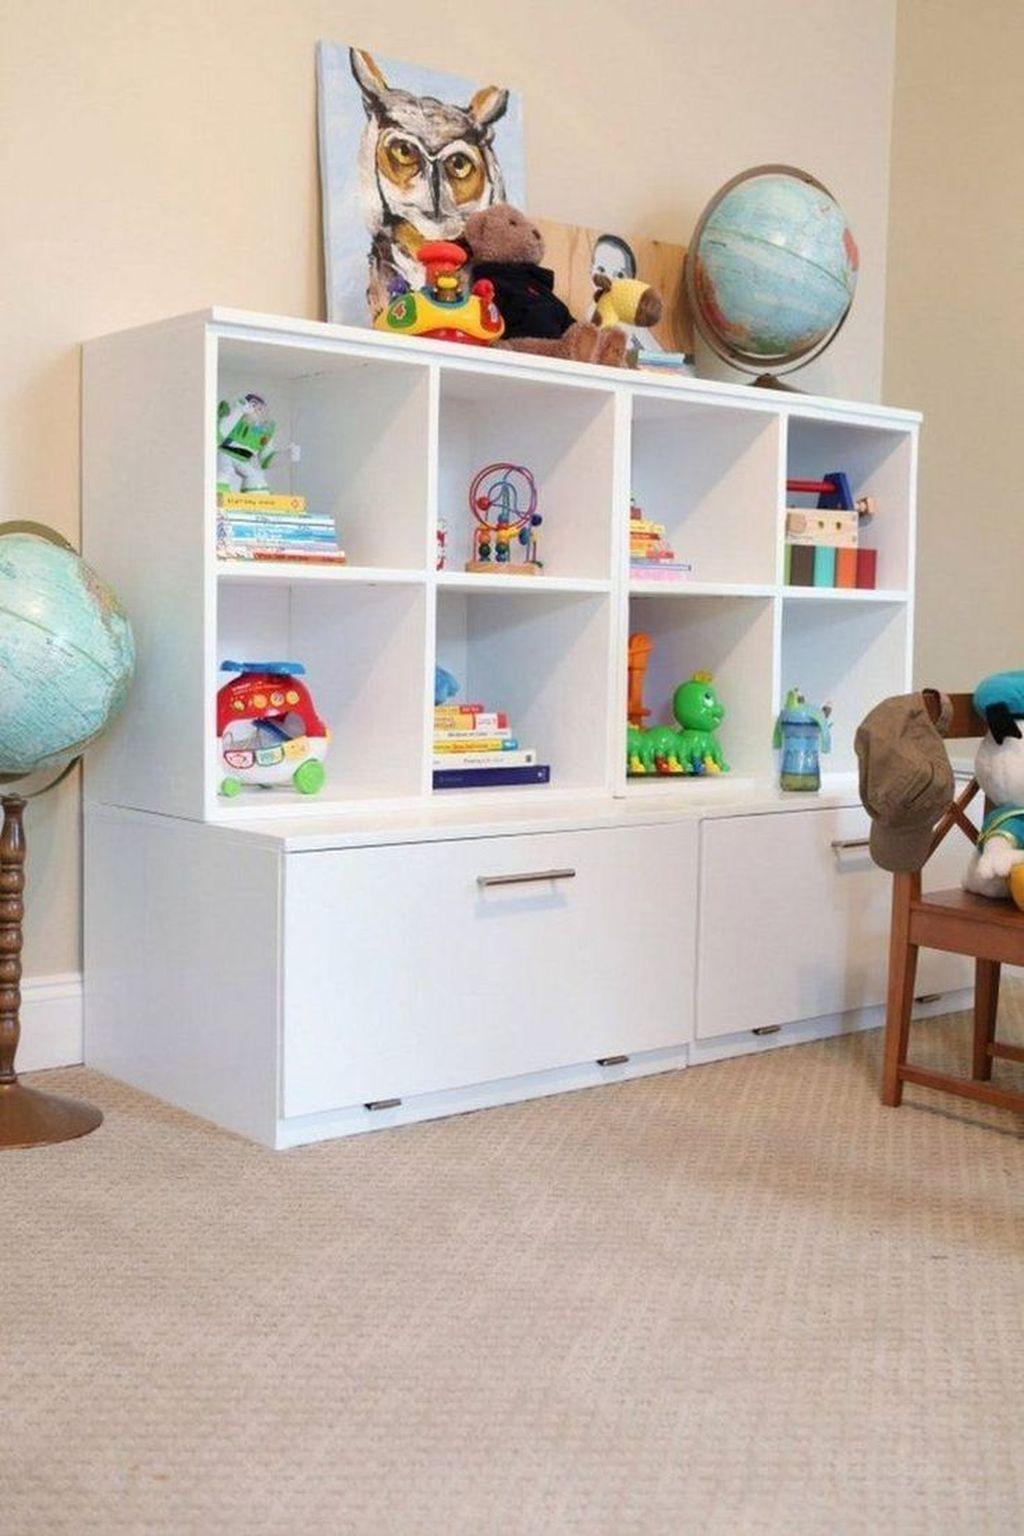 Inspiring Toy Storage Design Ideas 12